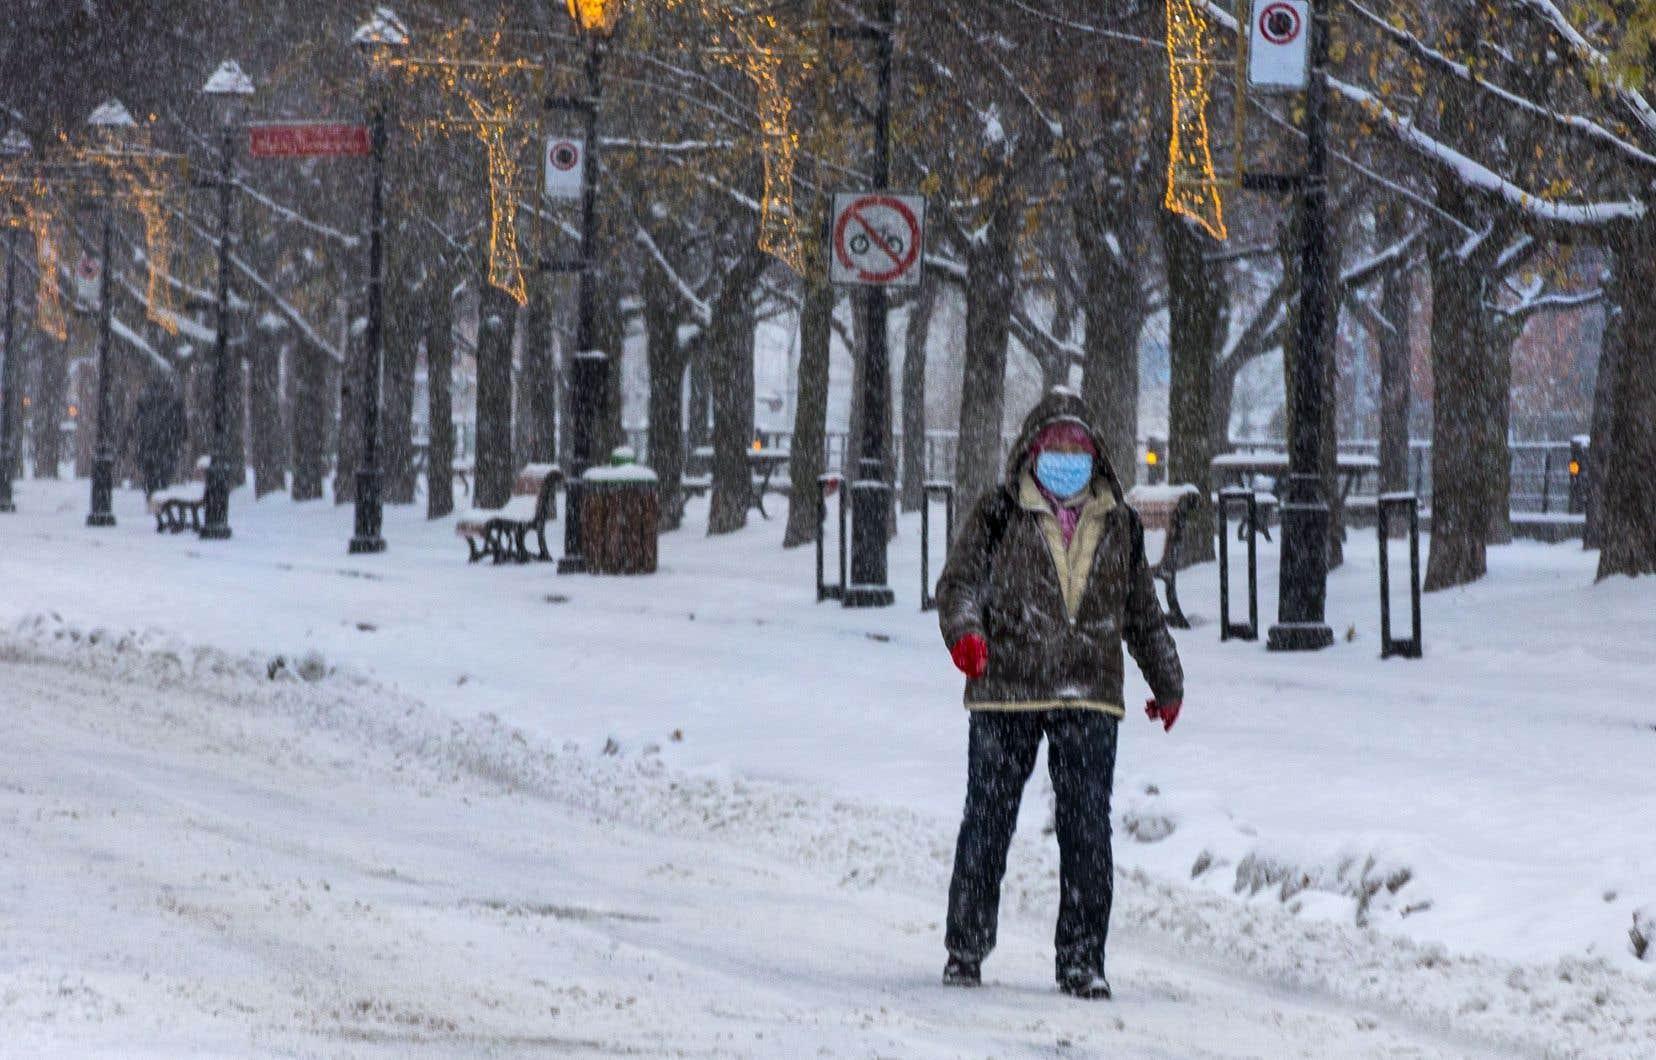 Tous les grands parcs montréalais offriront des sentiers pour le ski de fond, la randonnée et les raquettes.